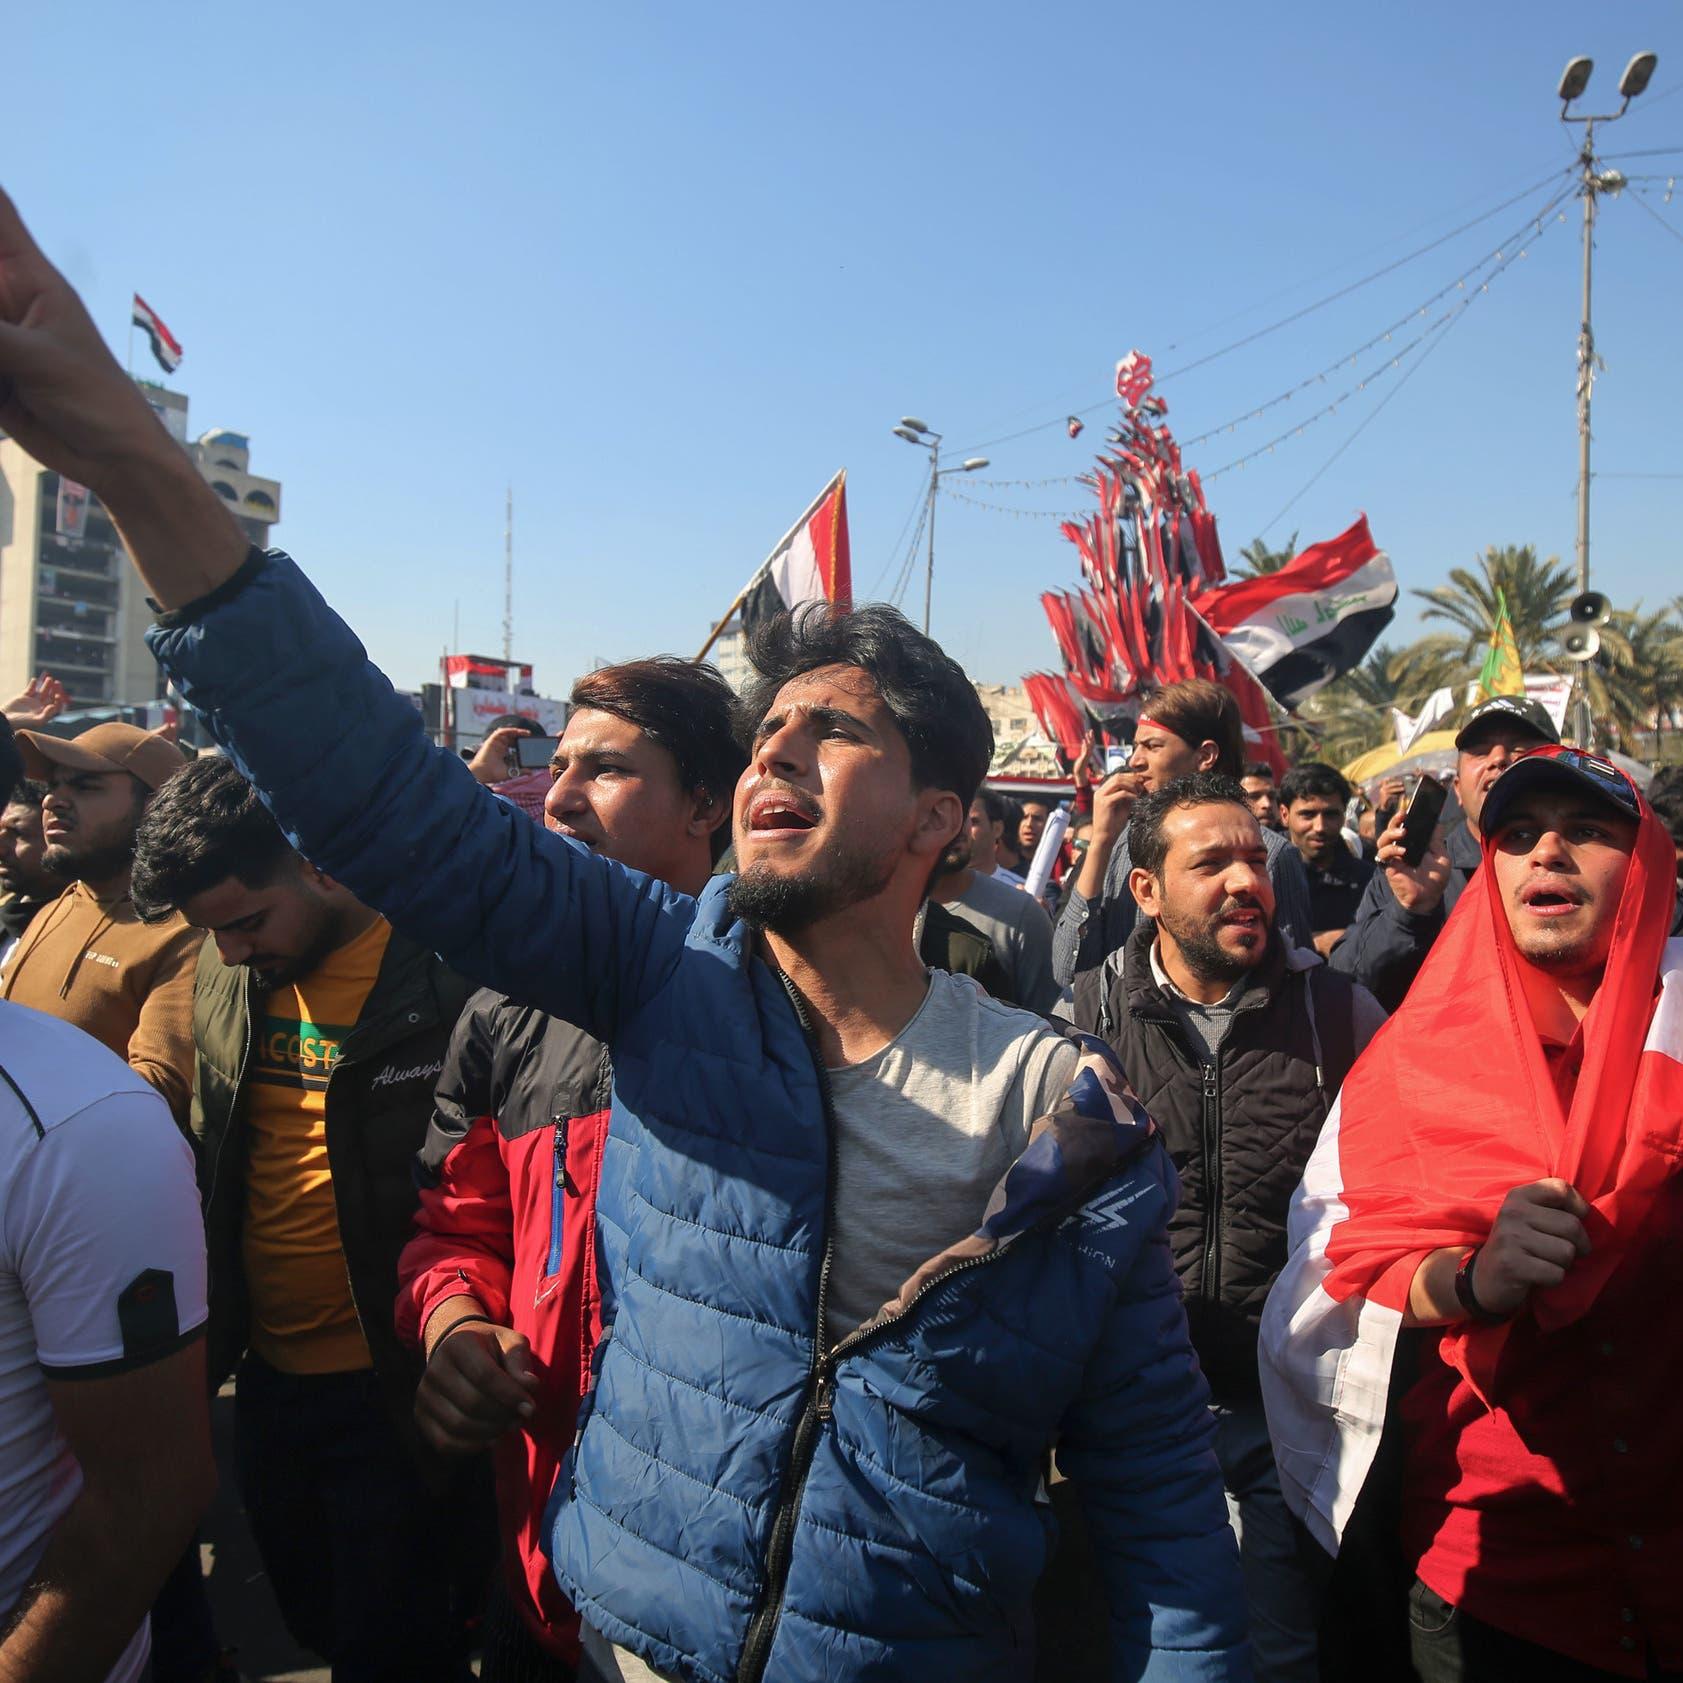 شبح الاغتيالات يطل مجددا.. مصير مجهول لـ50 ناشطا عراقيا